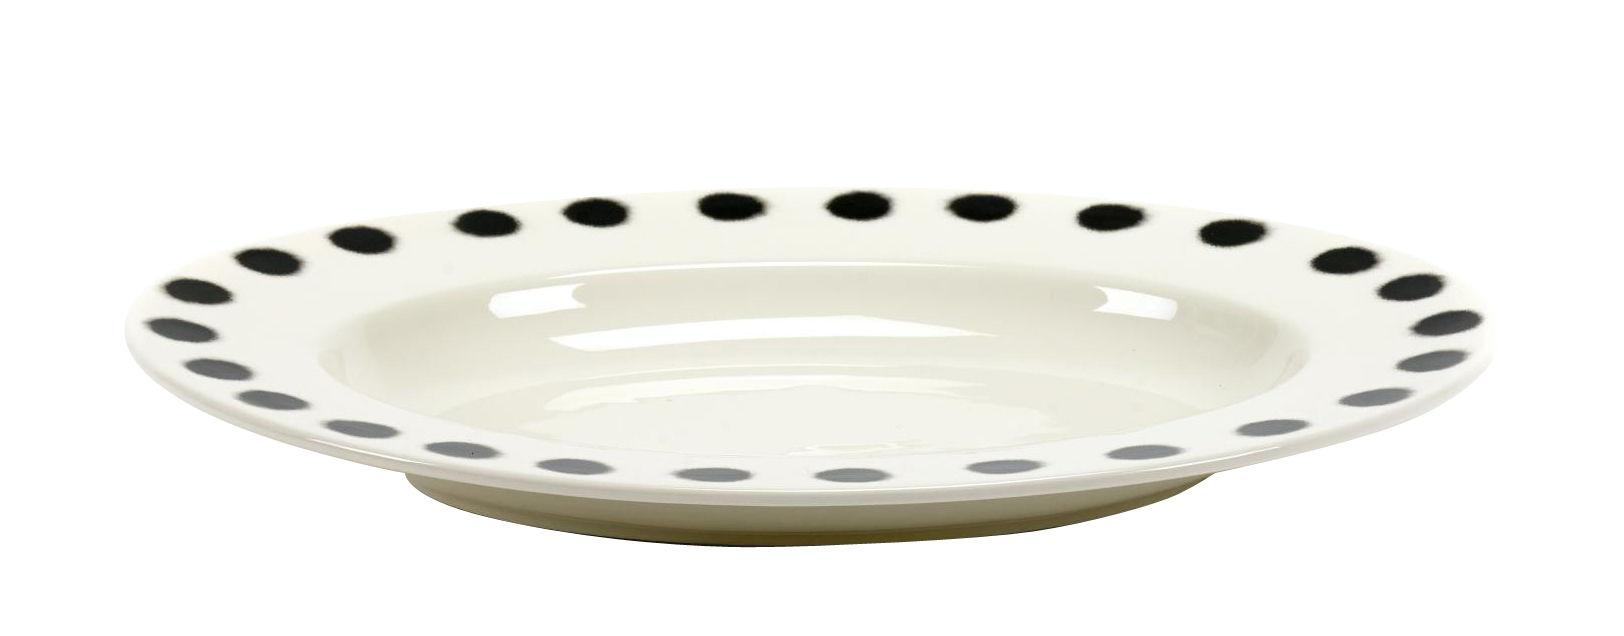 plat-pasta-pasta-medium-noir-blanc_madeindesign_287500_original